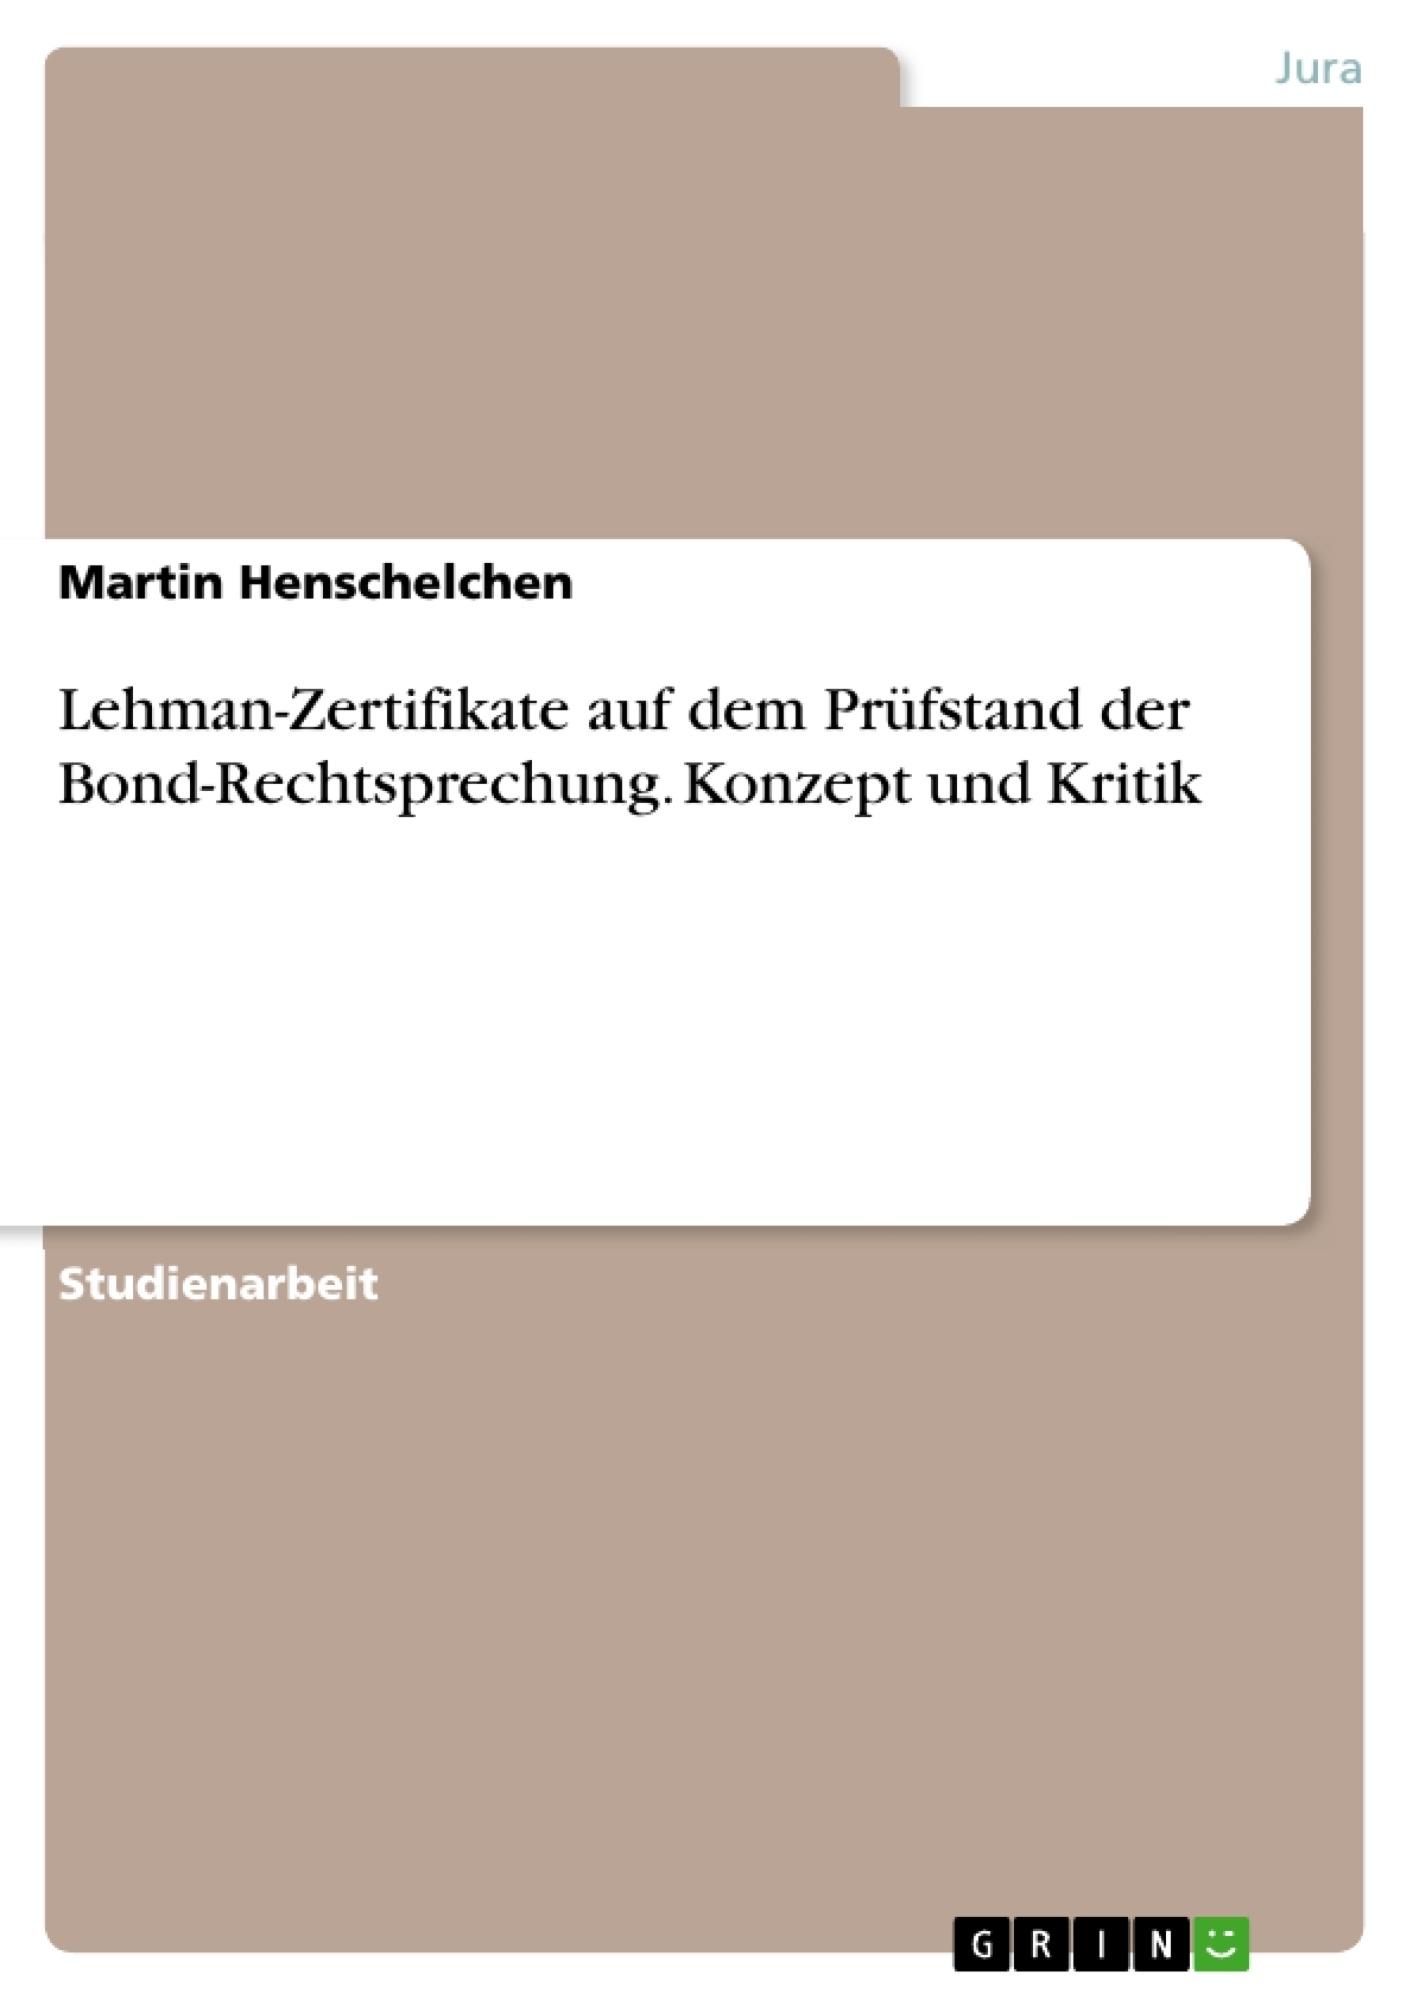 Titel: Lehman-Zertifikate auf dem Prüfstand der Bond-Rechtsprechung. Konzept und Kritik